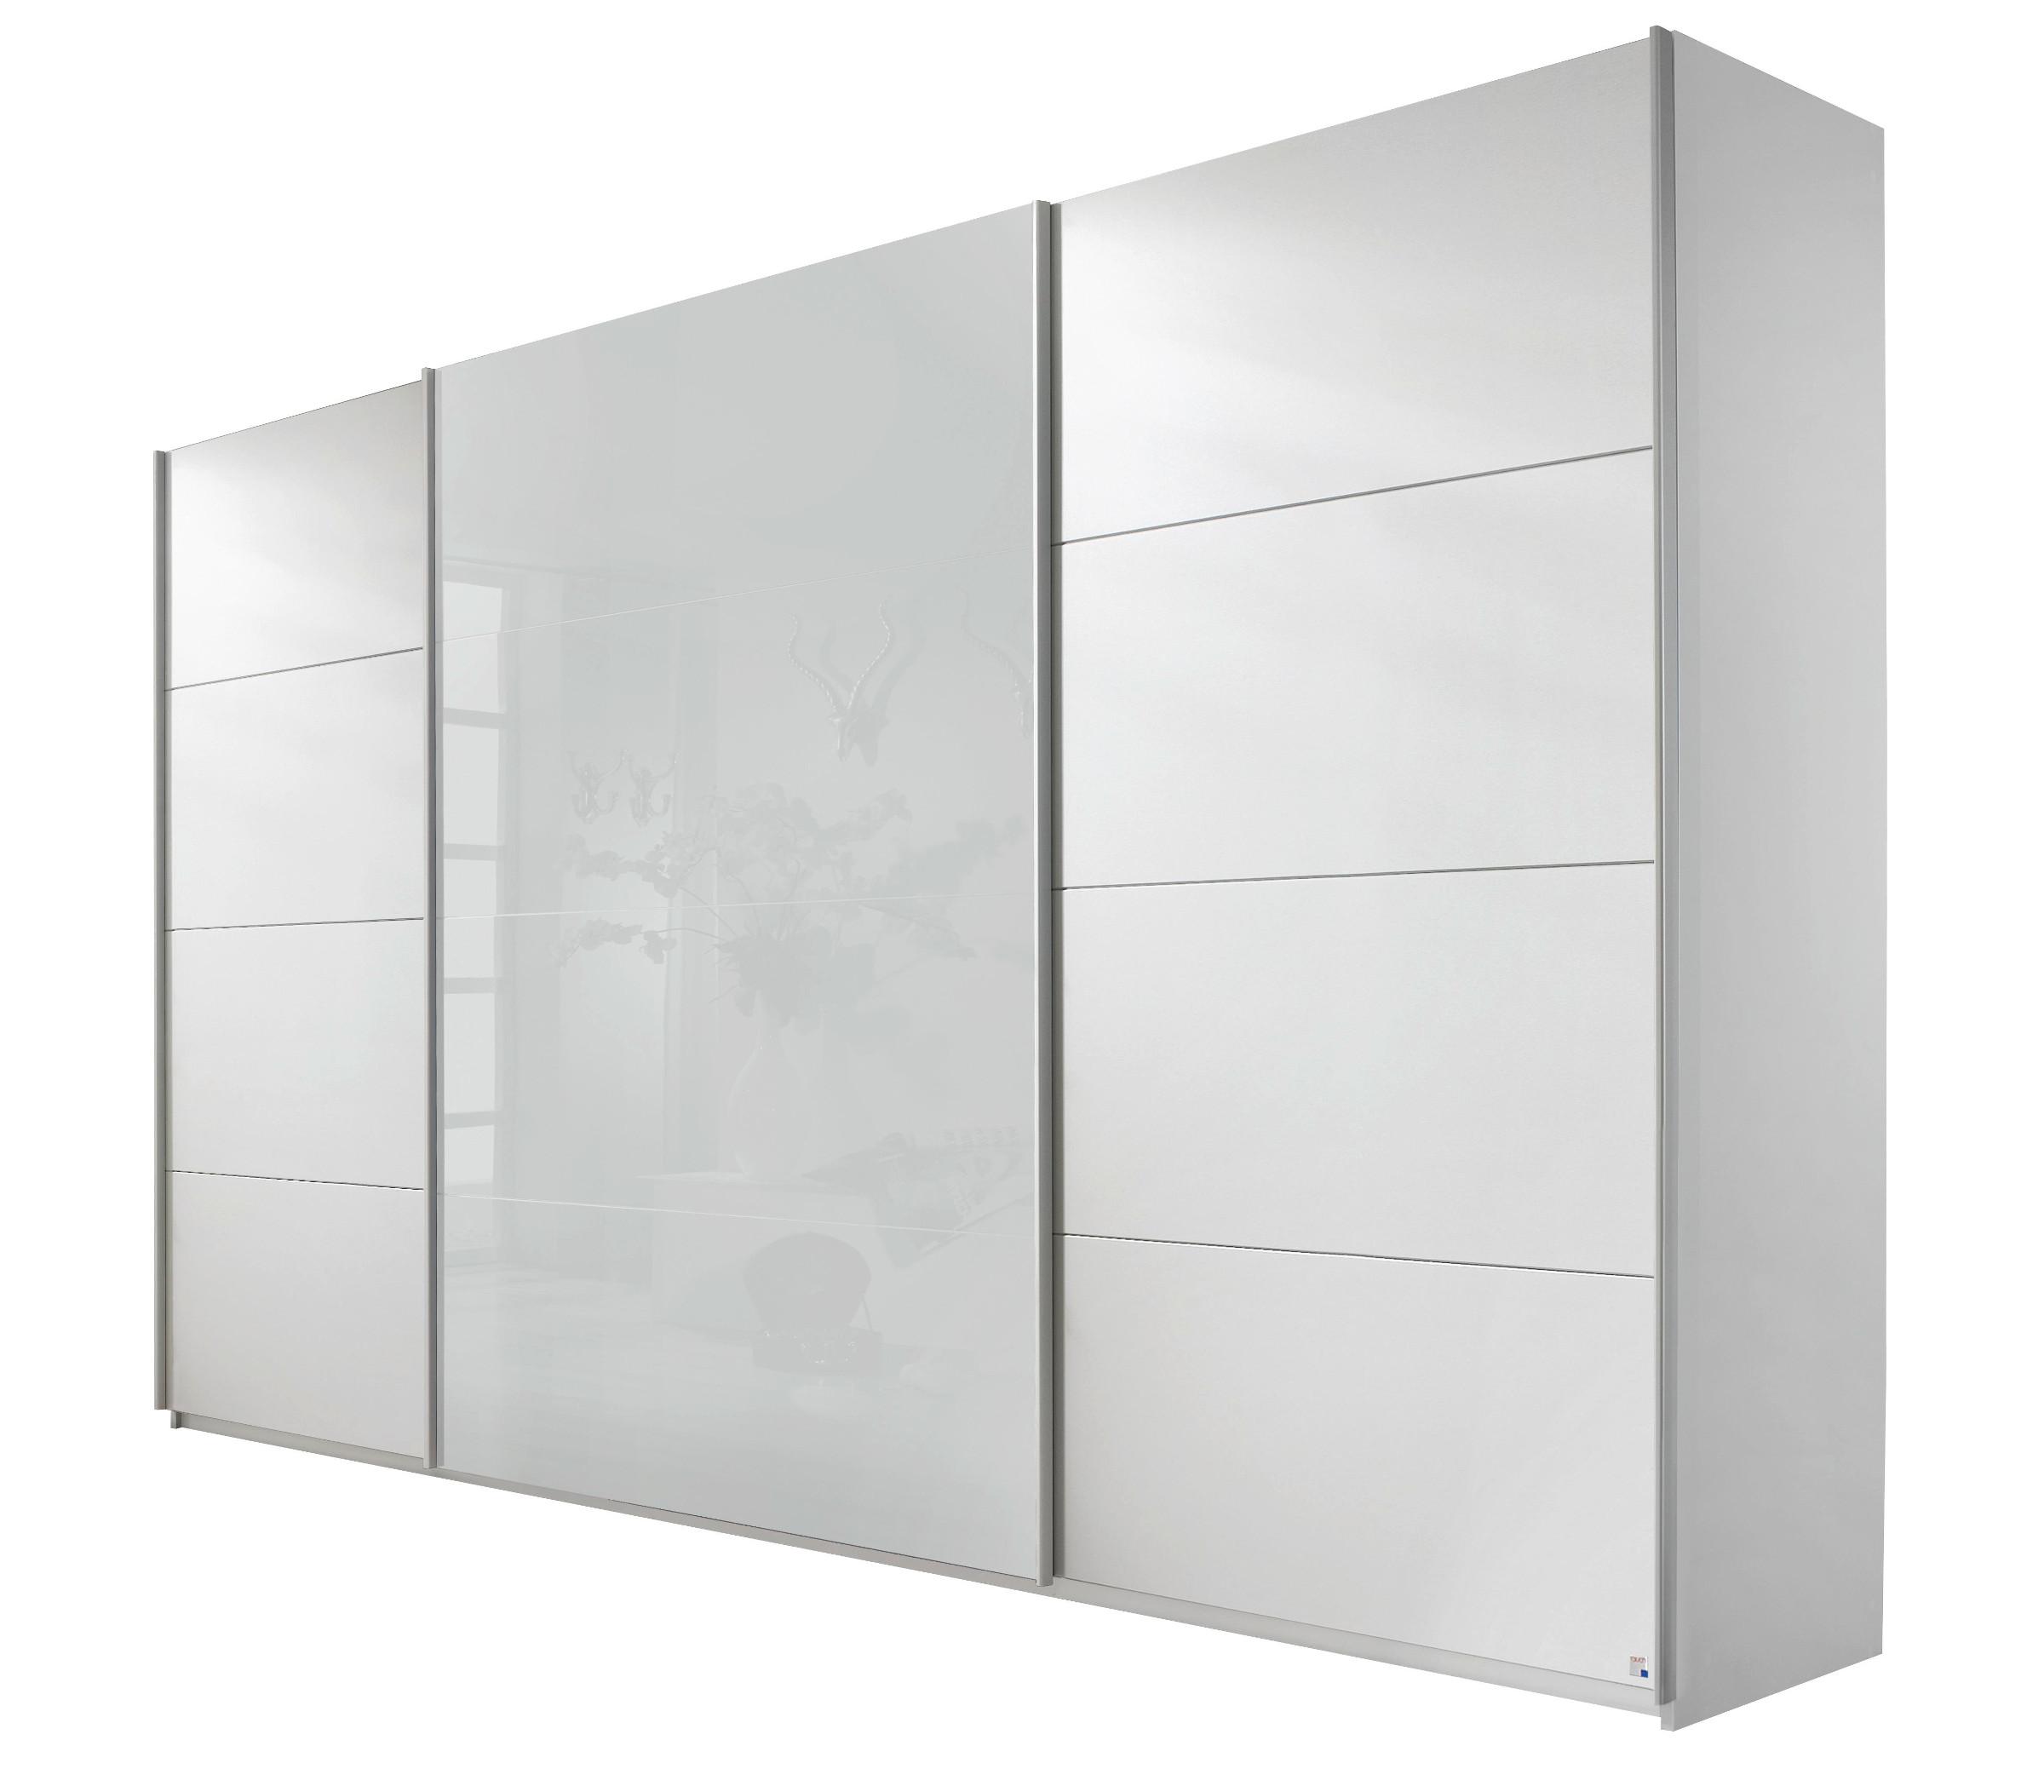 rauch schwebet renschrank quadra alpinwei glas wei 5 breiten 2 h hen ebay. Black Bedroom Furniture Sets. Home Design Ideas